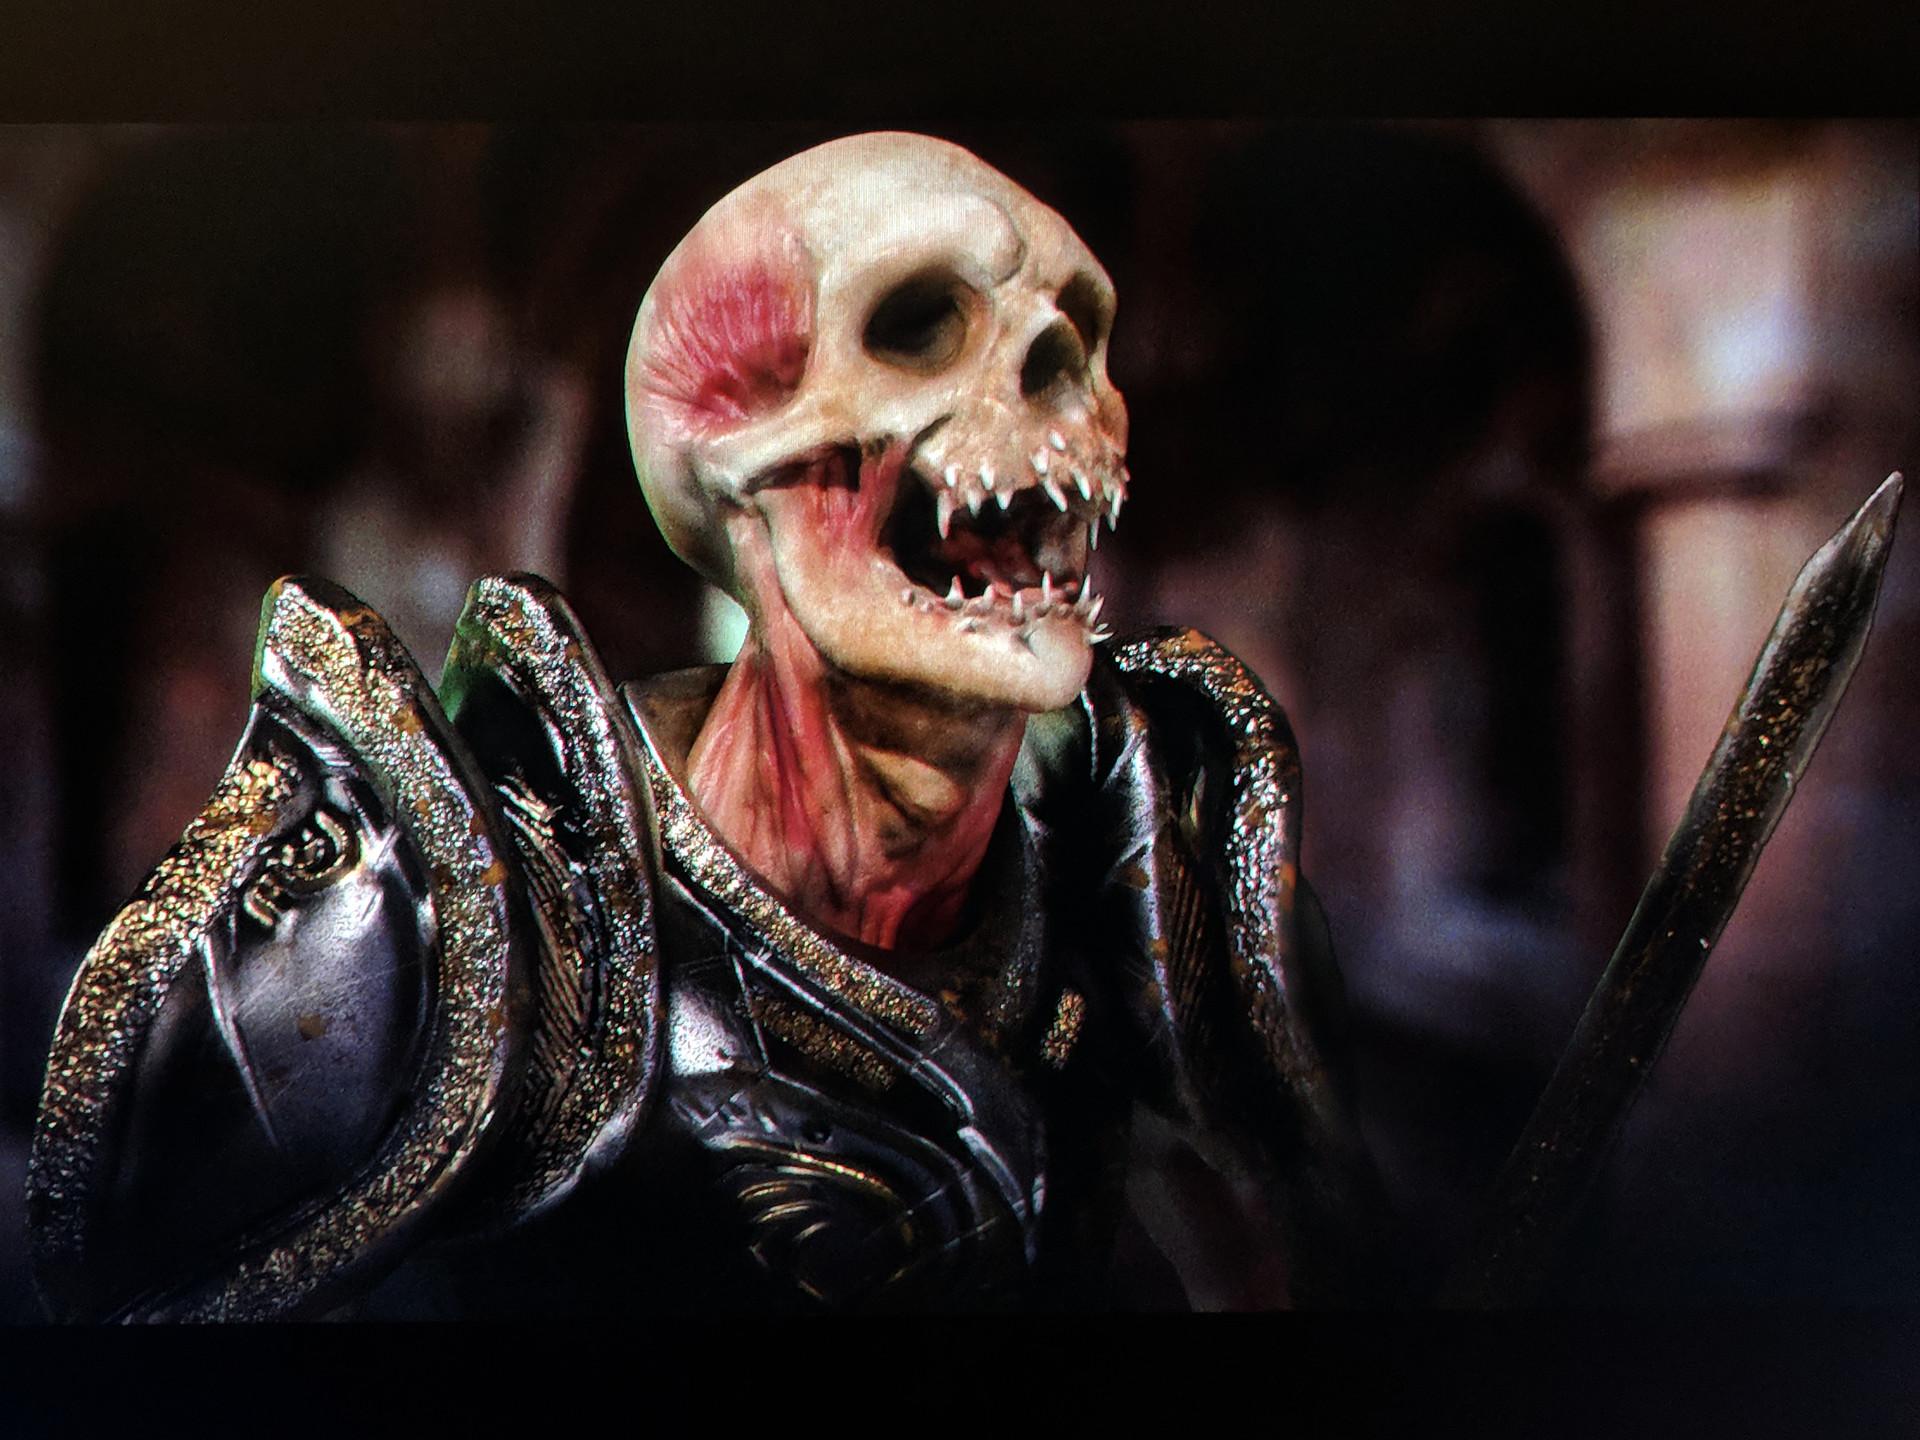 skyrim.jpg - Elder Scrolls 5: Skyrim, the